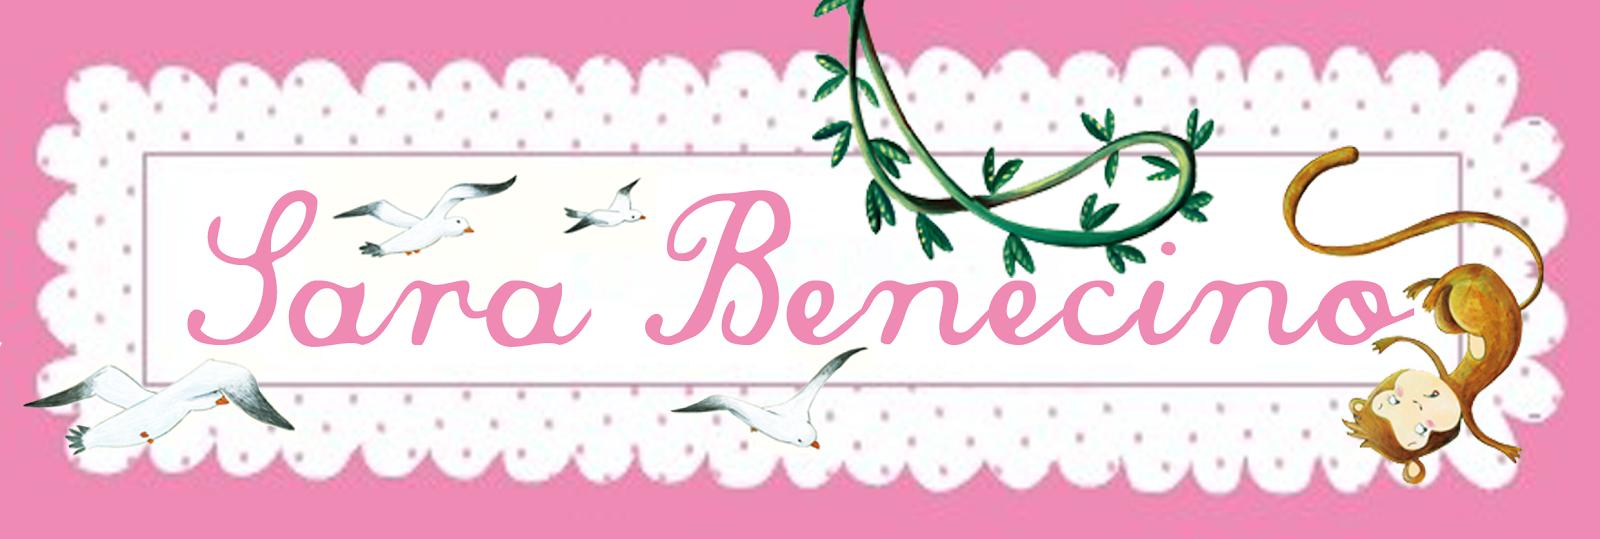 SARA BENECINO